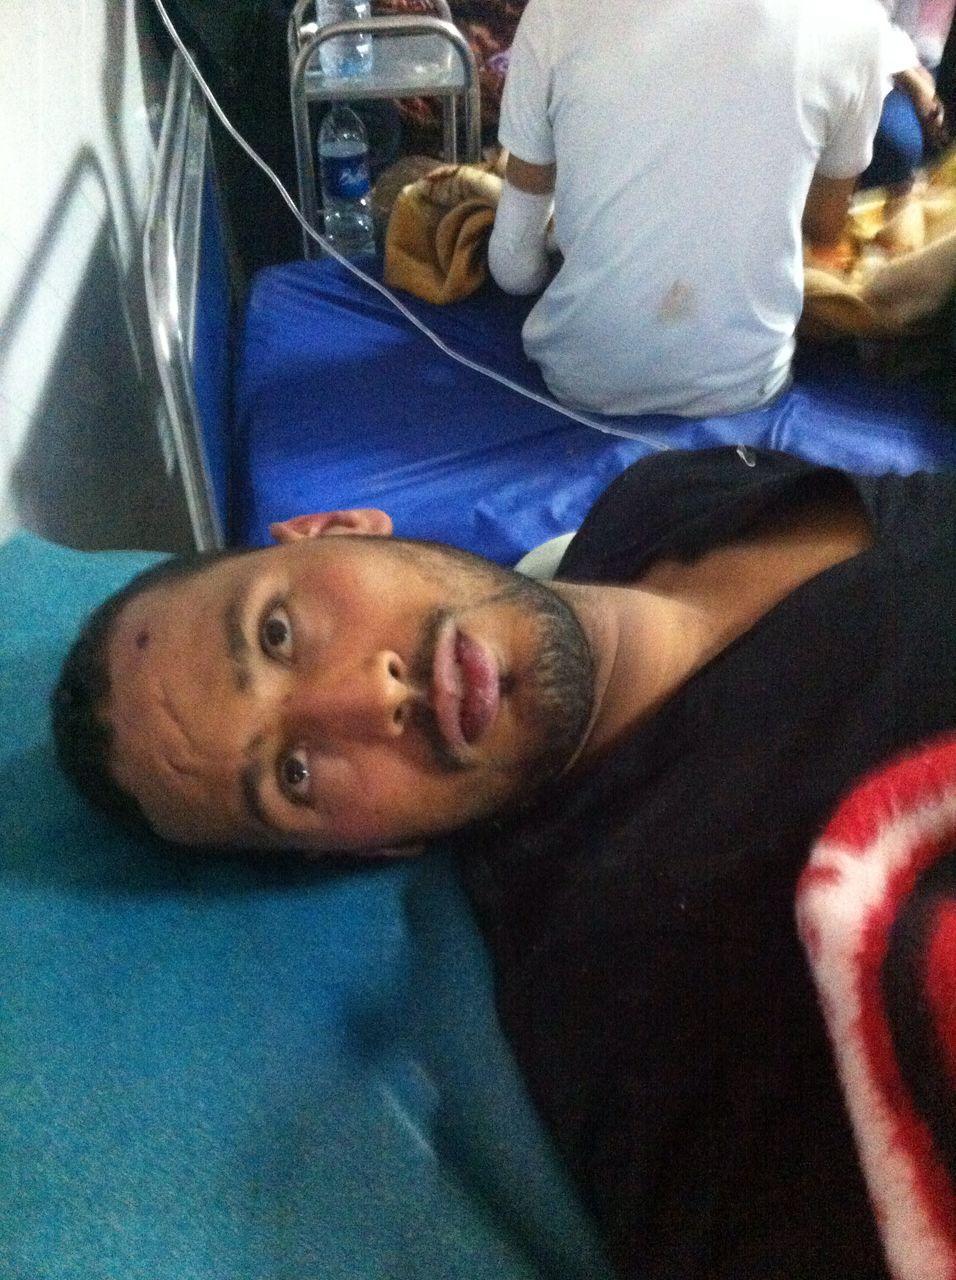 وفاة ابراهيم صيكا  بعد إضراب عن الطعام وعائلته تطالب بتقرير طبي